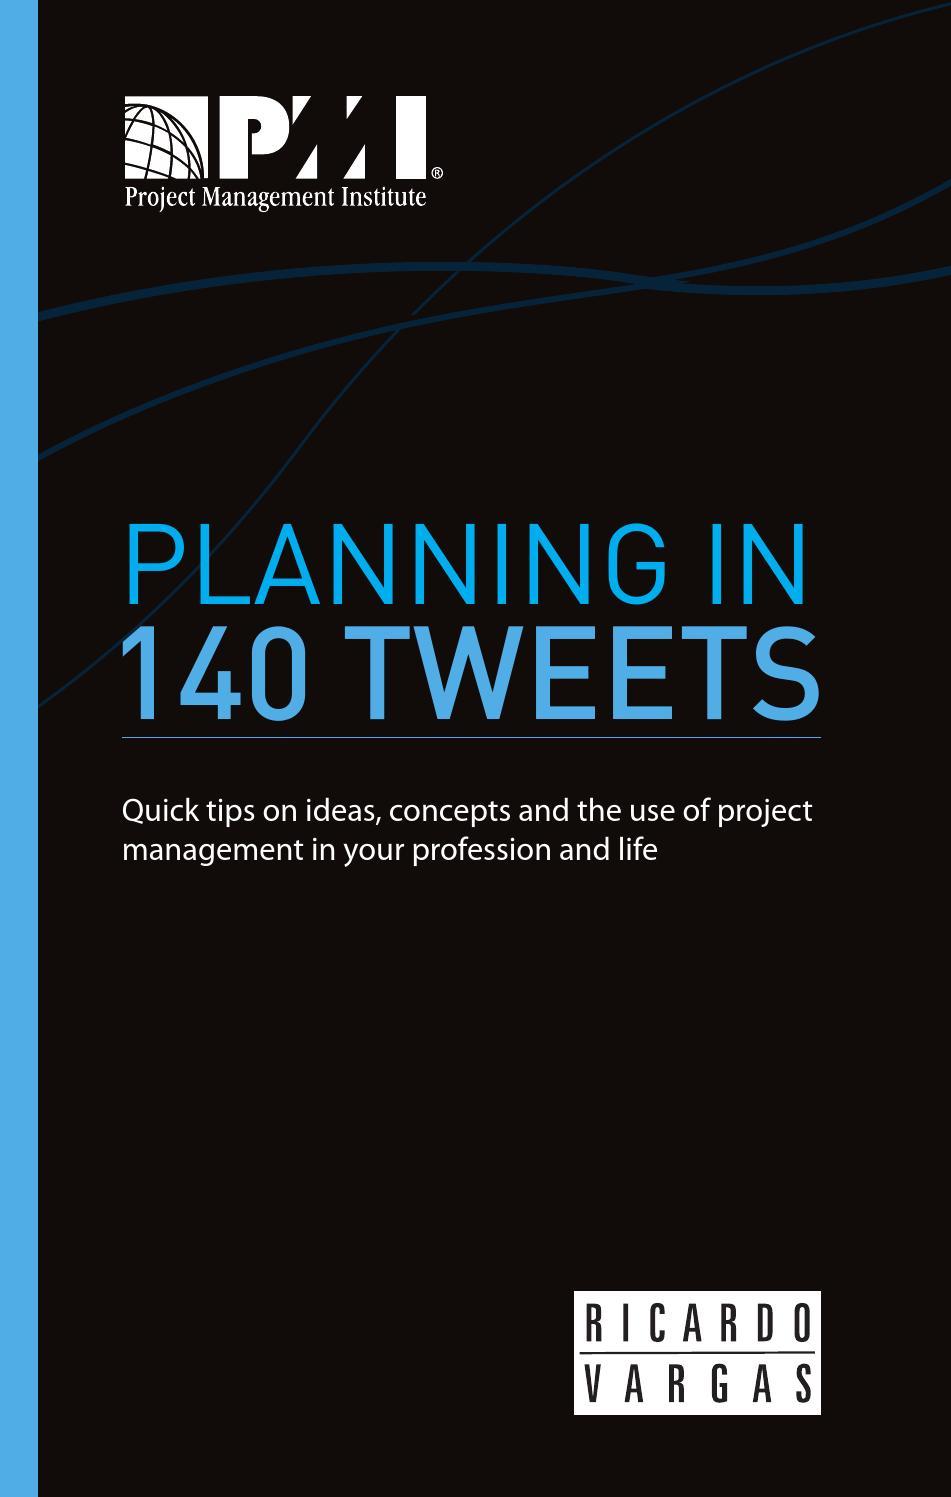 Planning in 140 Tweets by Ricardo Viana Vargas - issuu